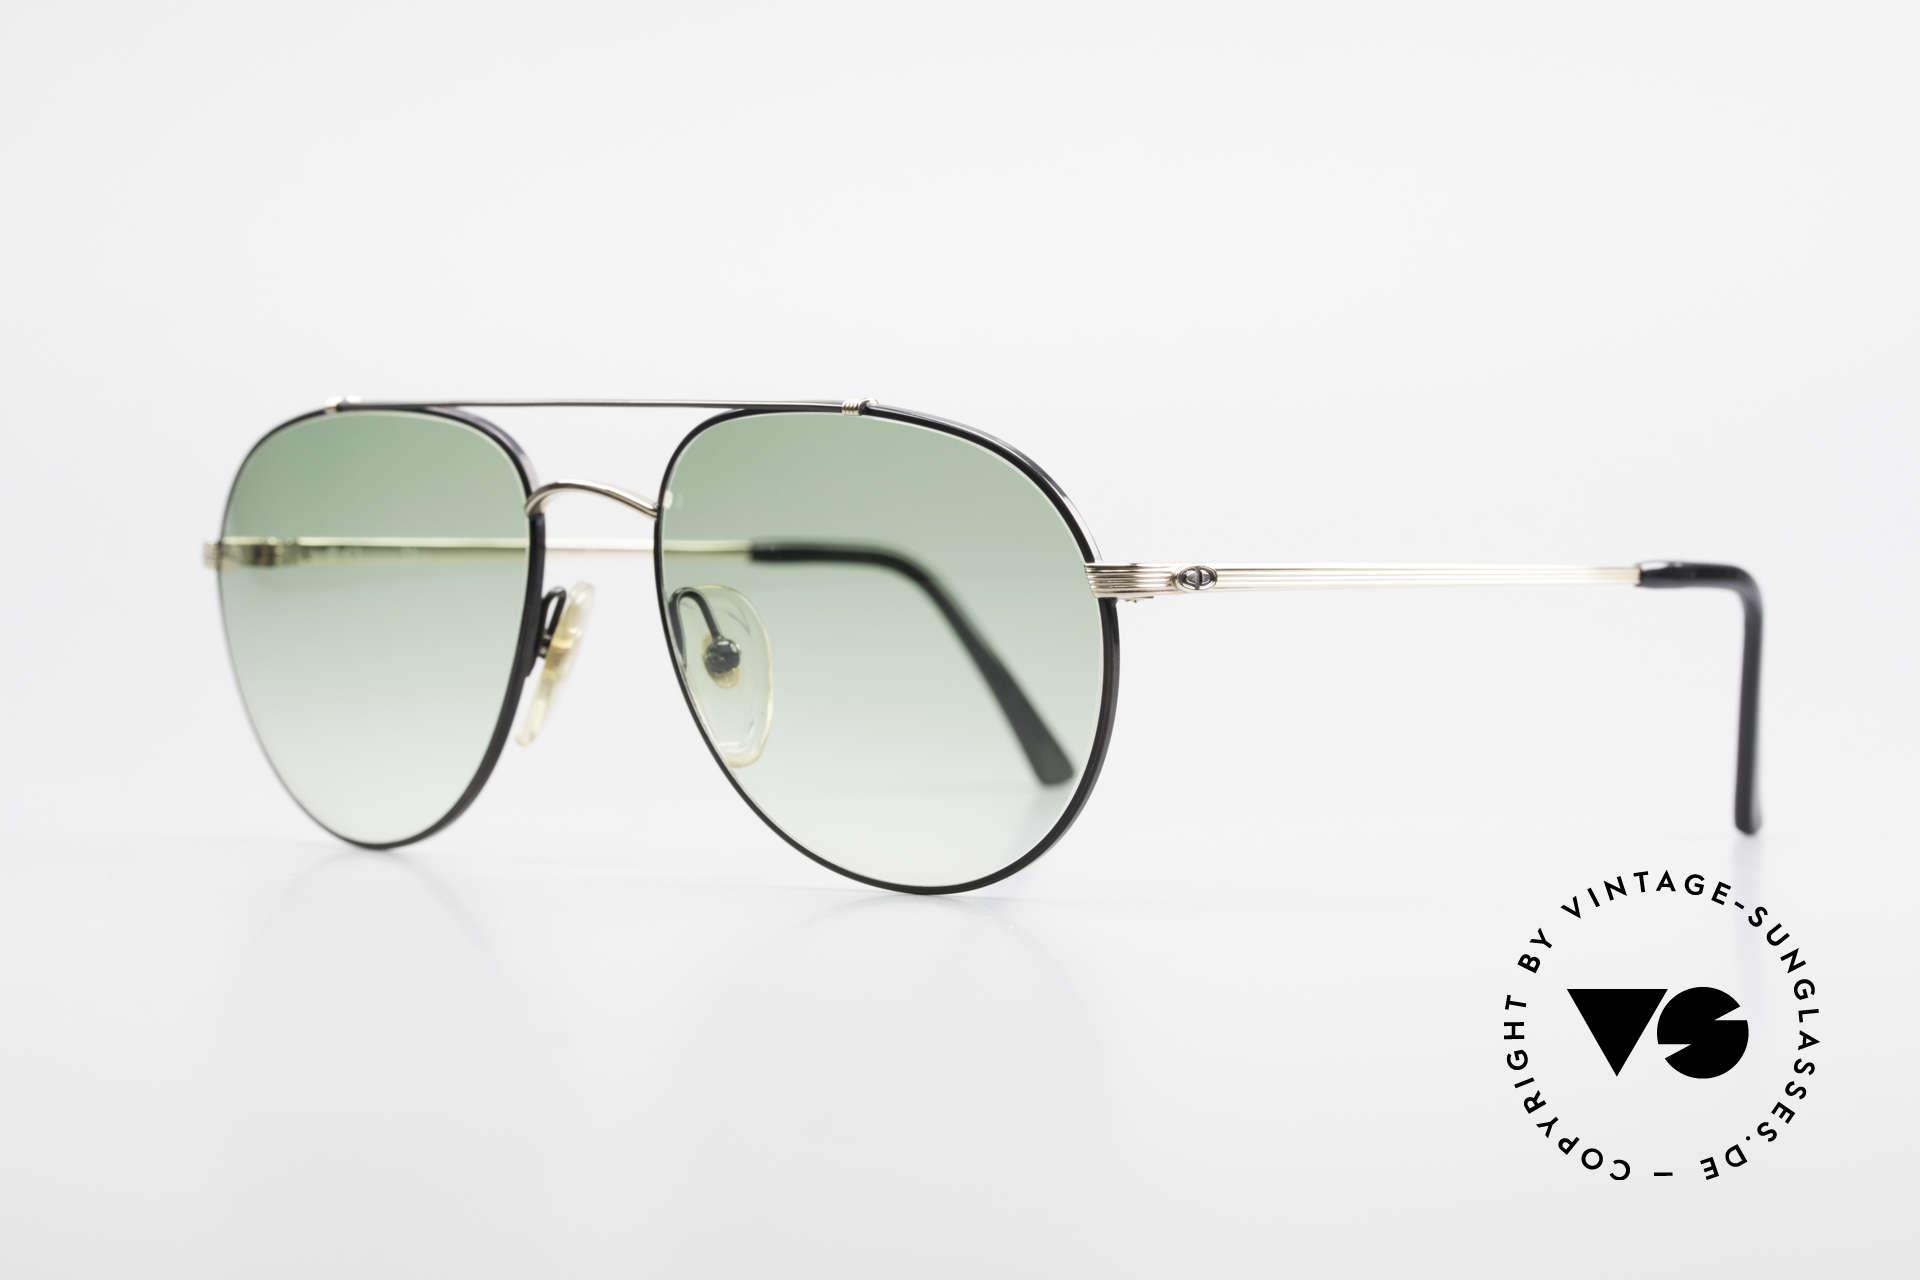 Christian Dior 2488 Alte 80er Pilotensonnenbrille, edle Gläser in grün-Verlauf für 100% UV Schutz, Passend für Herren